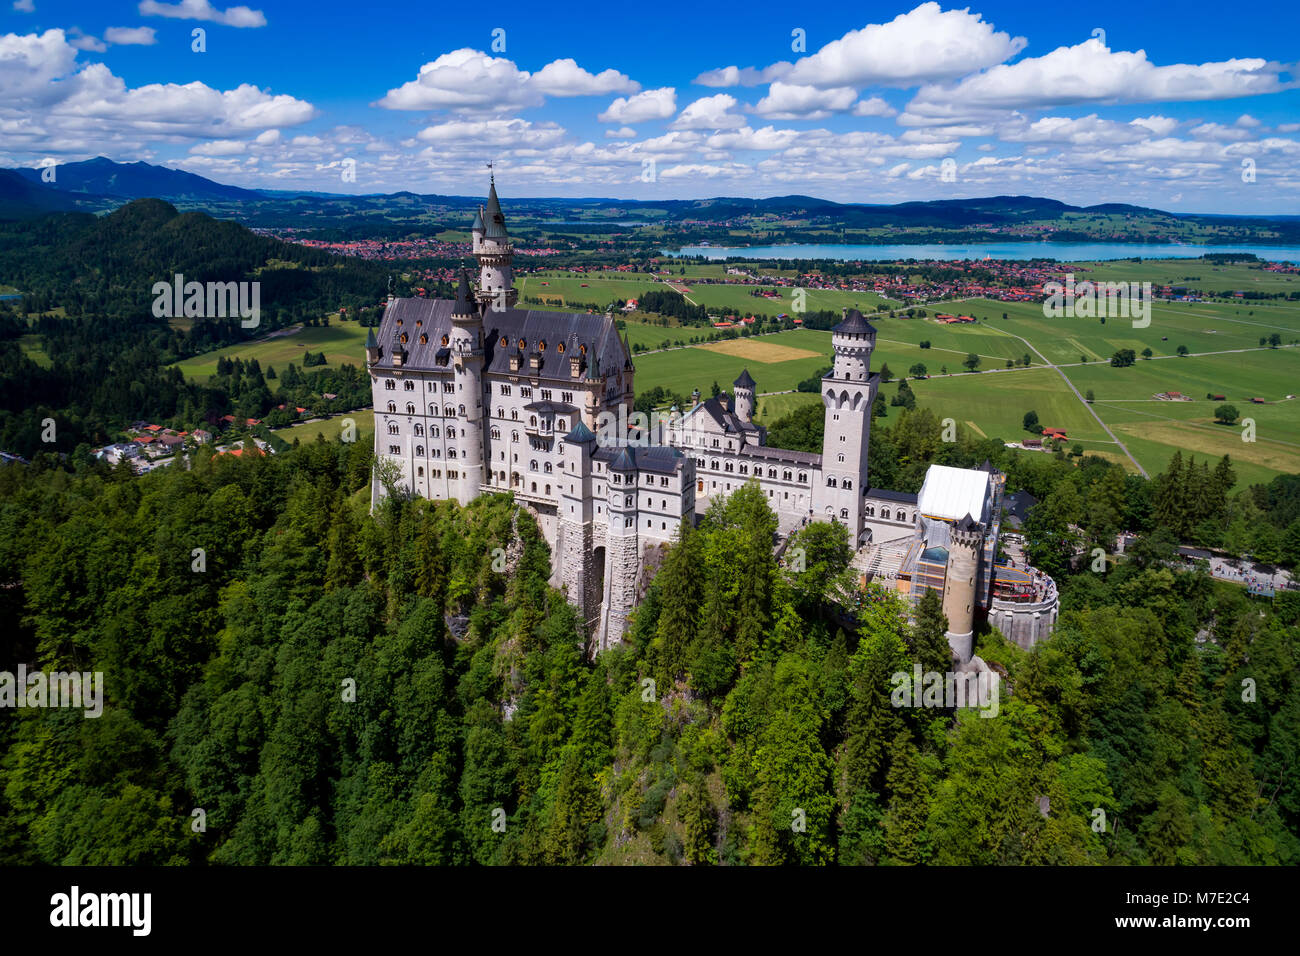 Le château de Neuschwanstein Alpes bavaroises Allemagne Photo Stock